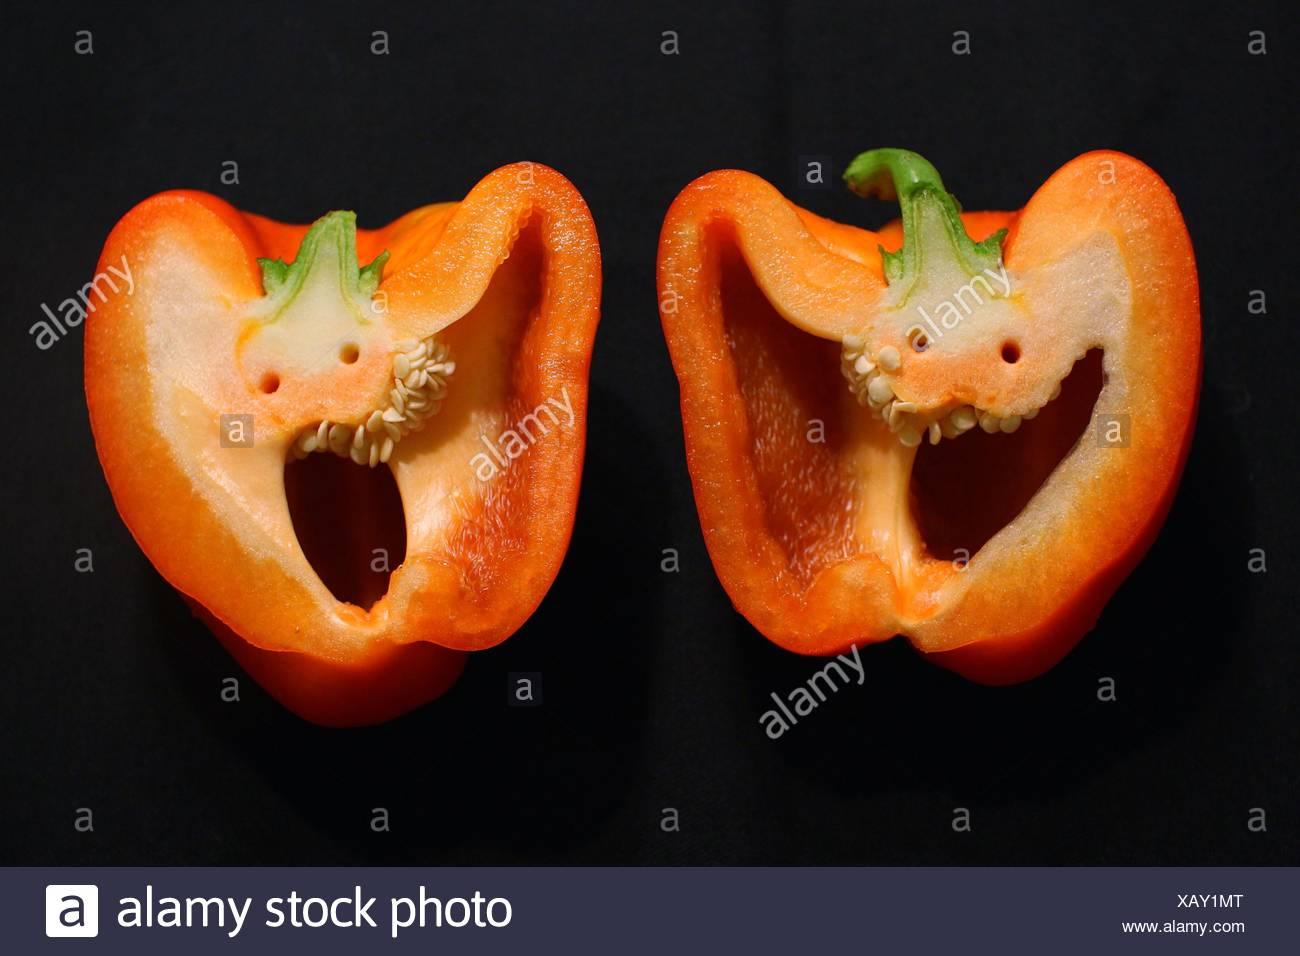 Corte el pimiento naranja contra el fondo negro Imagen De Stock